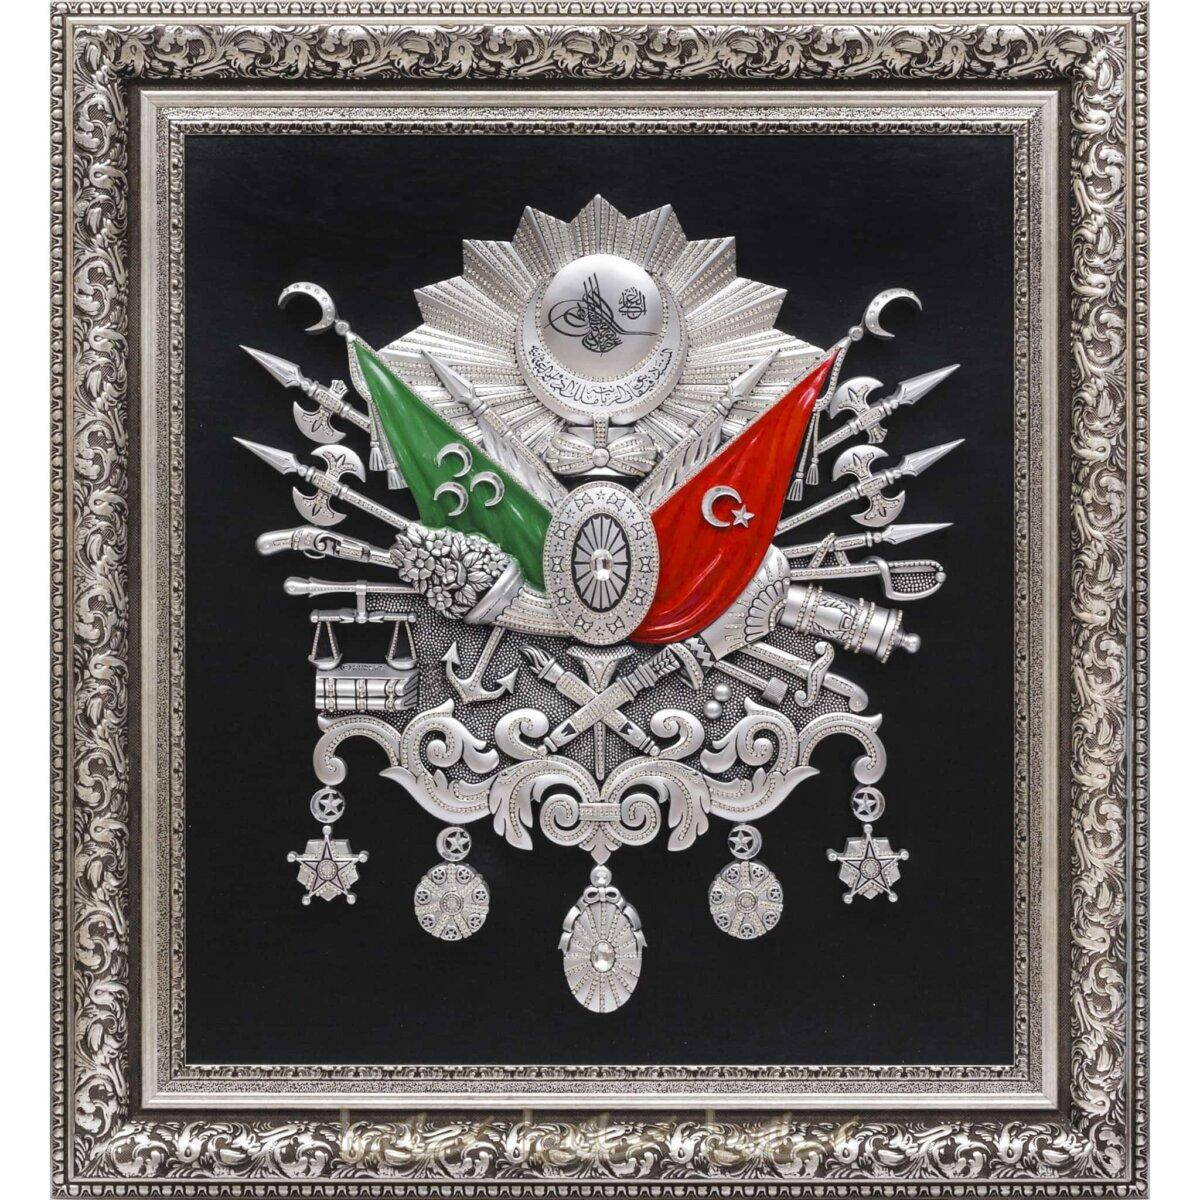 100x115cm Taşlı Dev, Mega Büyük Boy 1. sınıf Lüks Orijinal Osmanlı Devlet Arması, Tuğrası Deri Tablo Osmanlı Tabloları